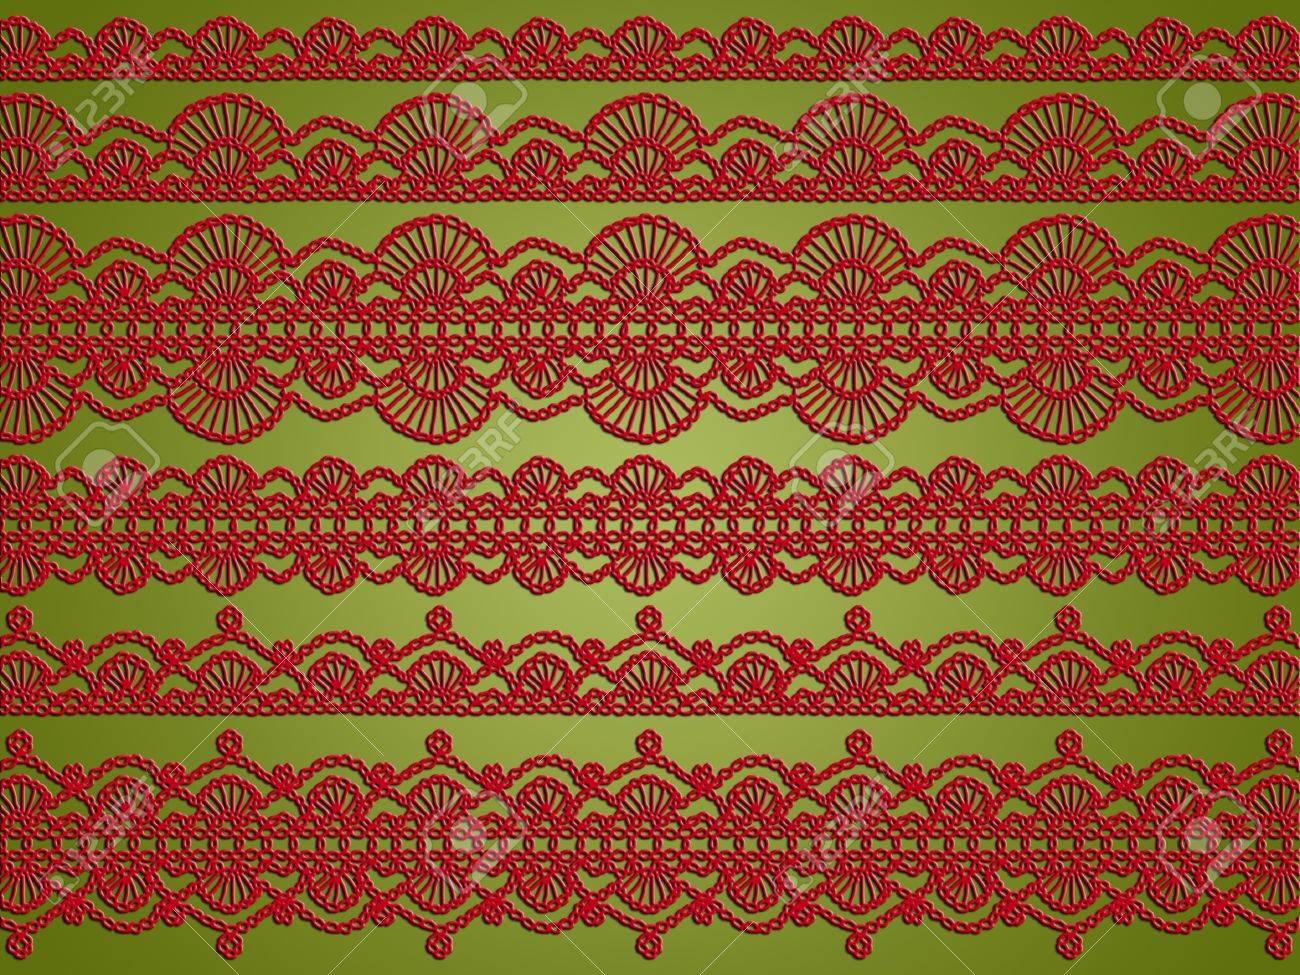 Licht Olivgrün Hintergrund Mit Roten Vielzahl Von Häkeln Spitzen ...